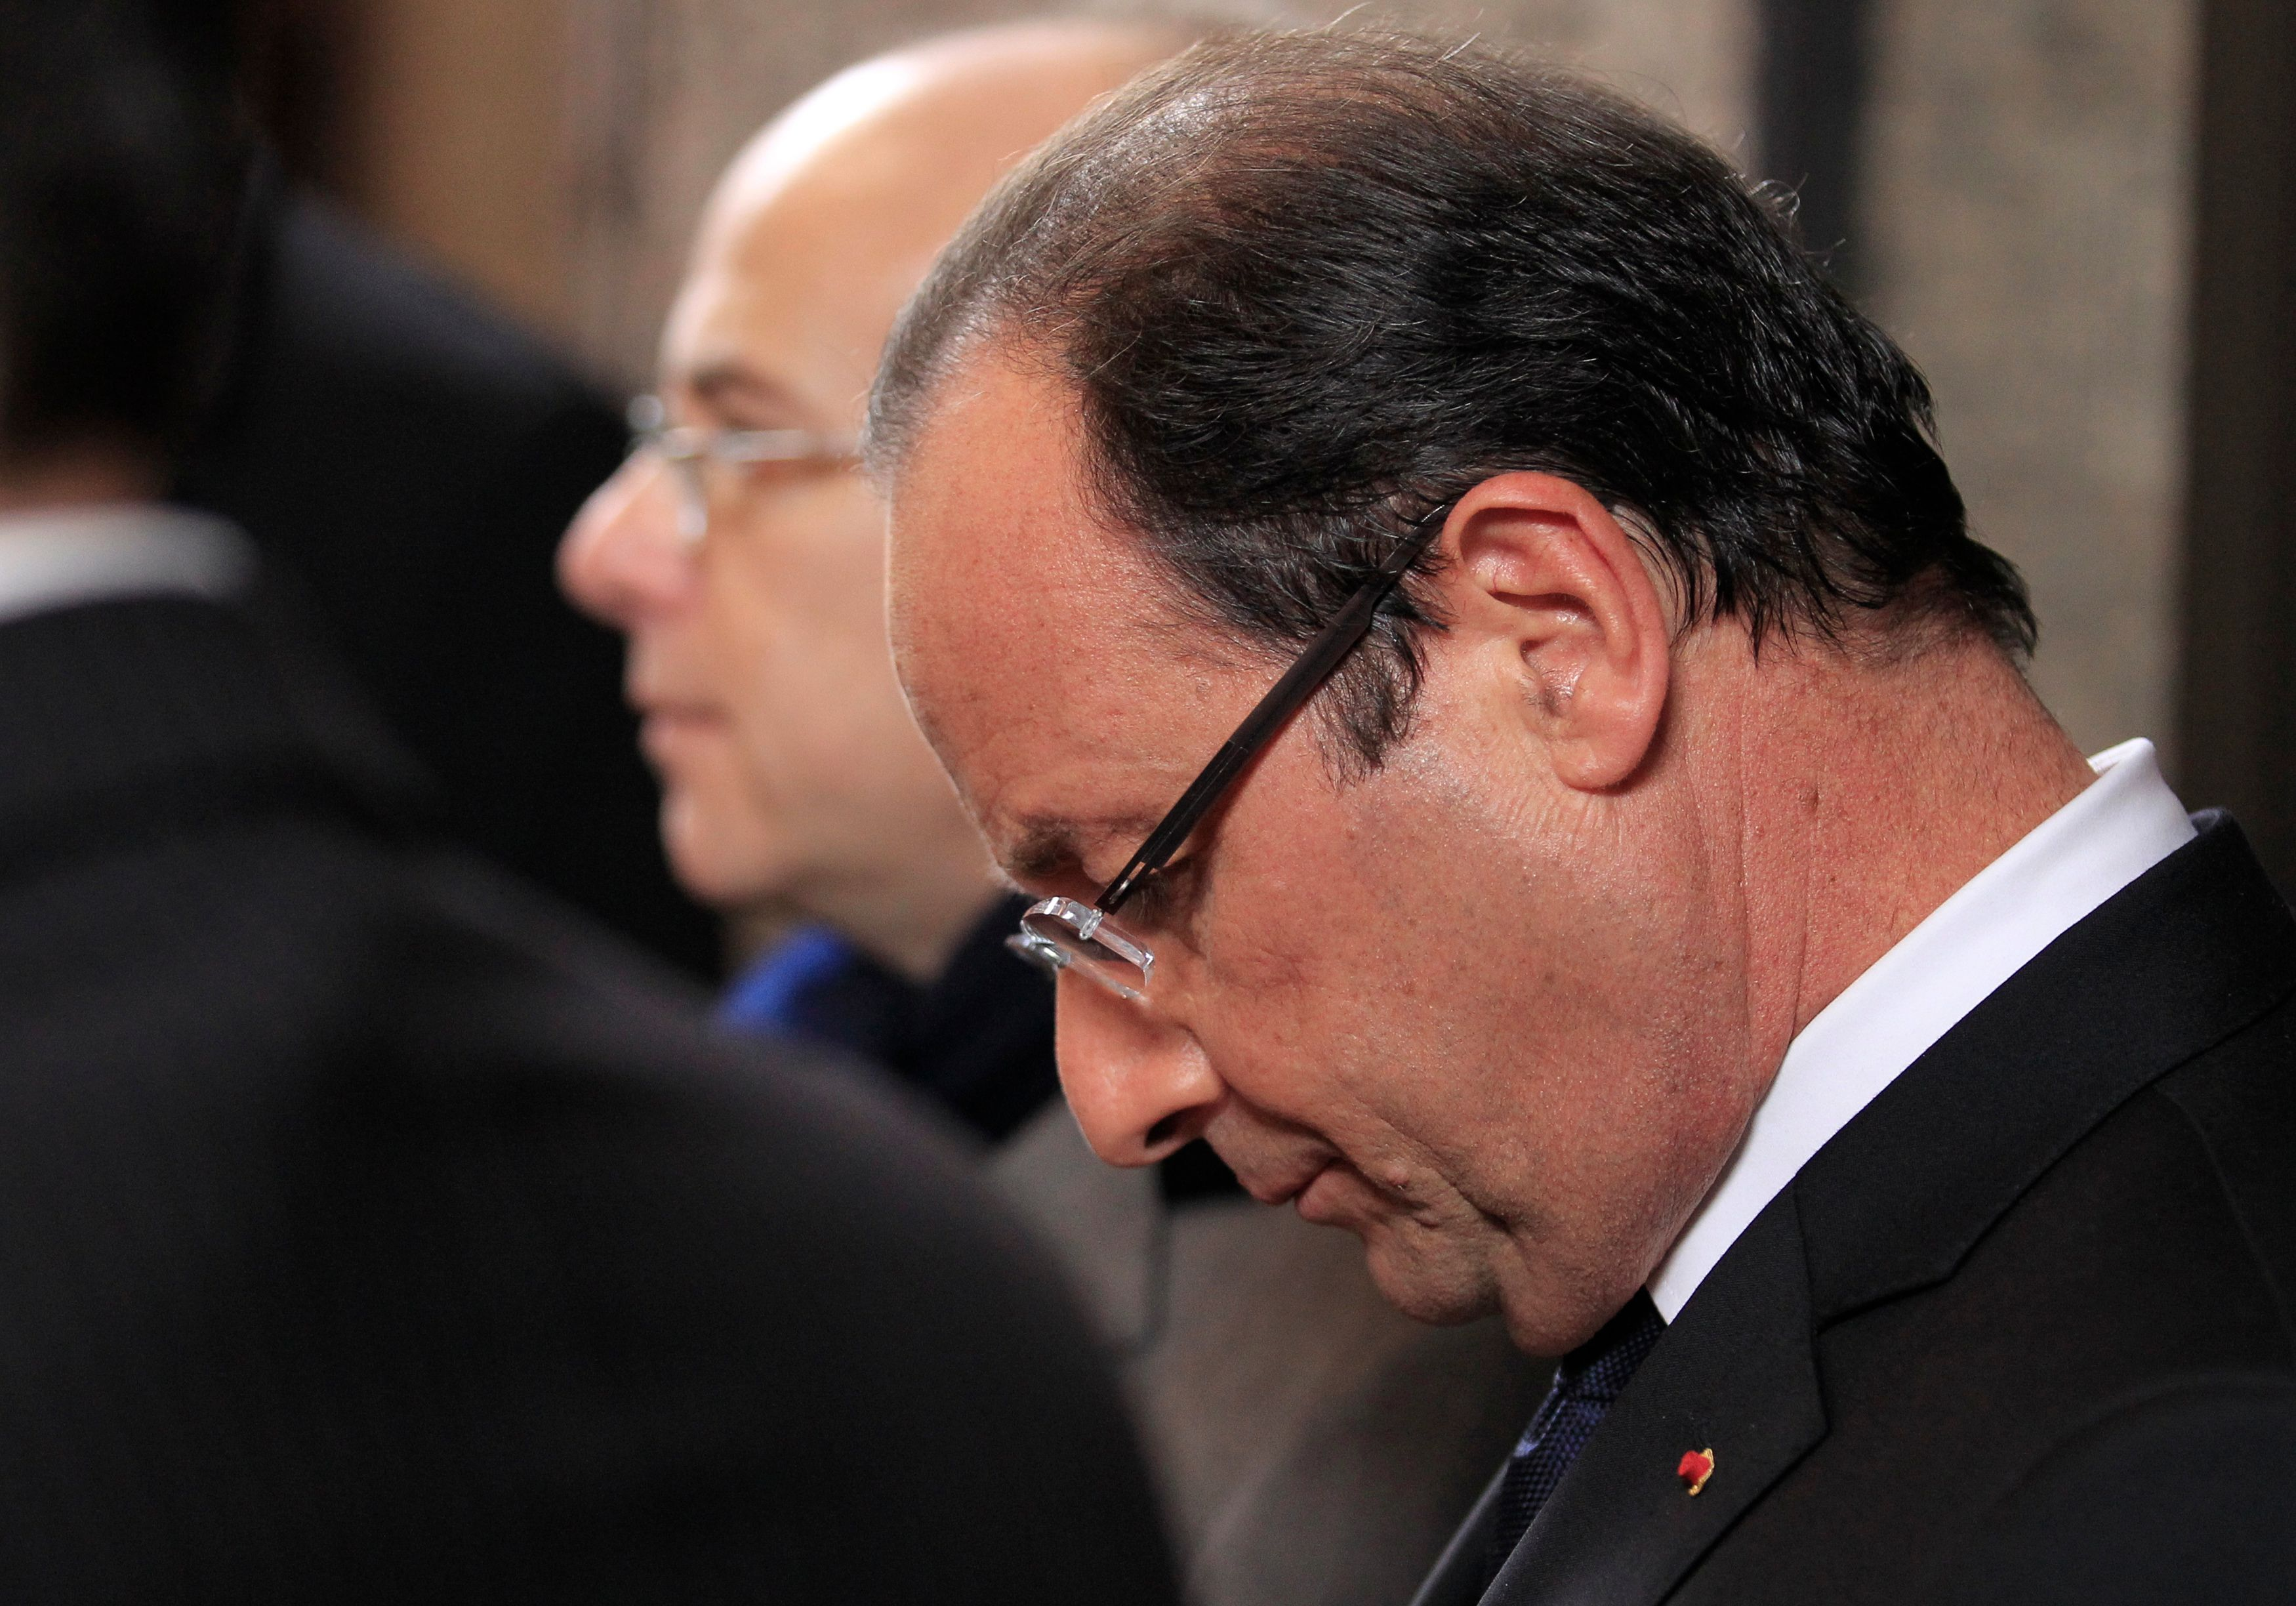 Alors qu'il faudrait redoubler d'efforts pour relancer l'activité du pays, François Hollande adopte une attitude défaitiste.